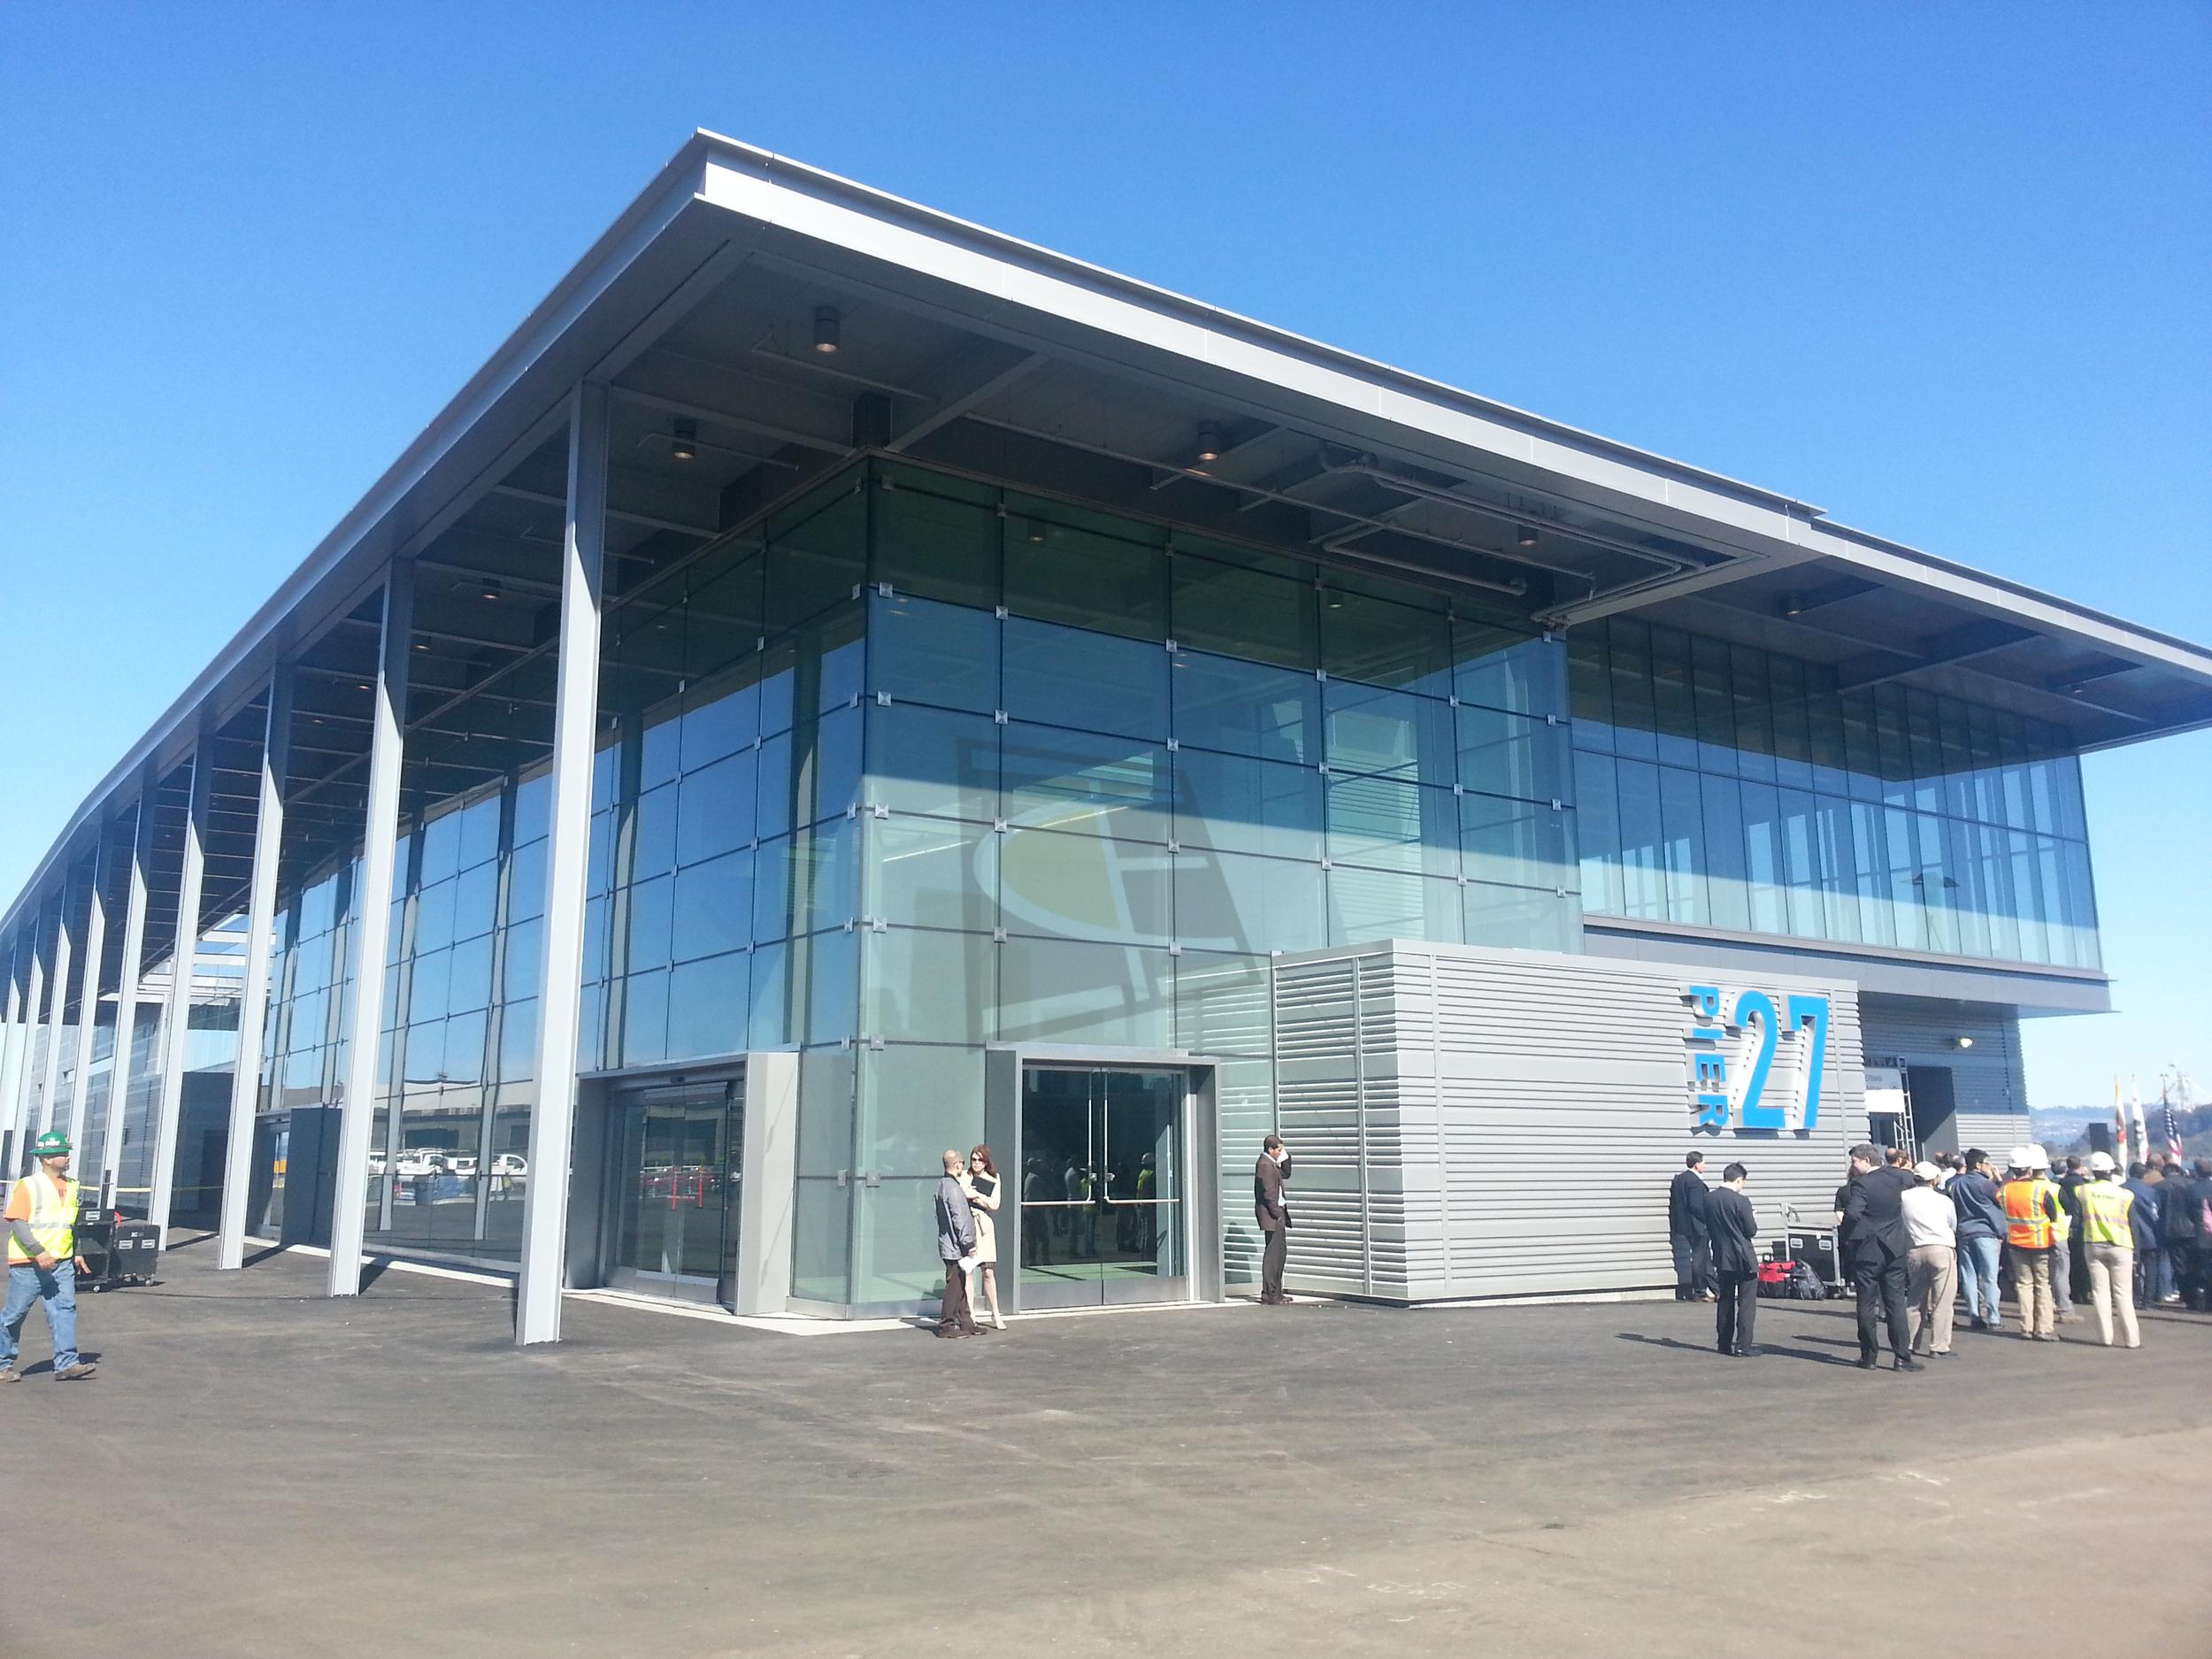 Pier 27-Website.png